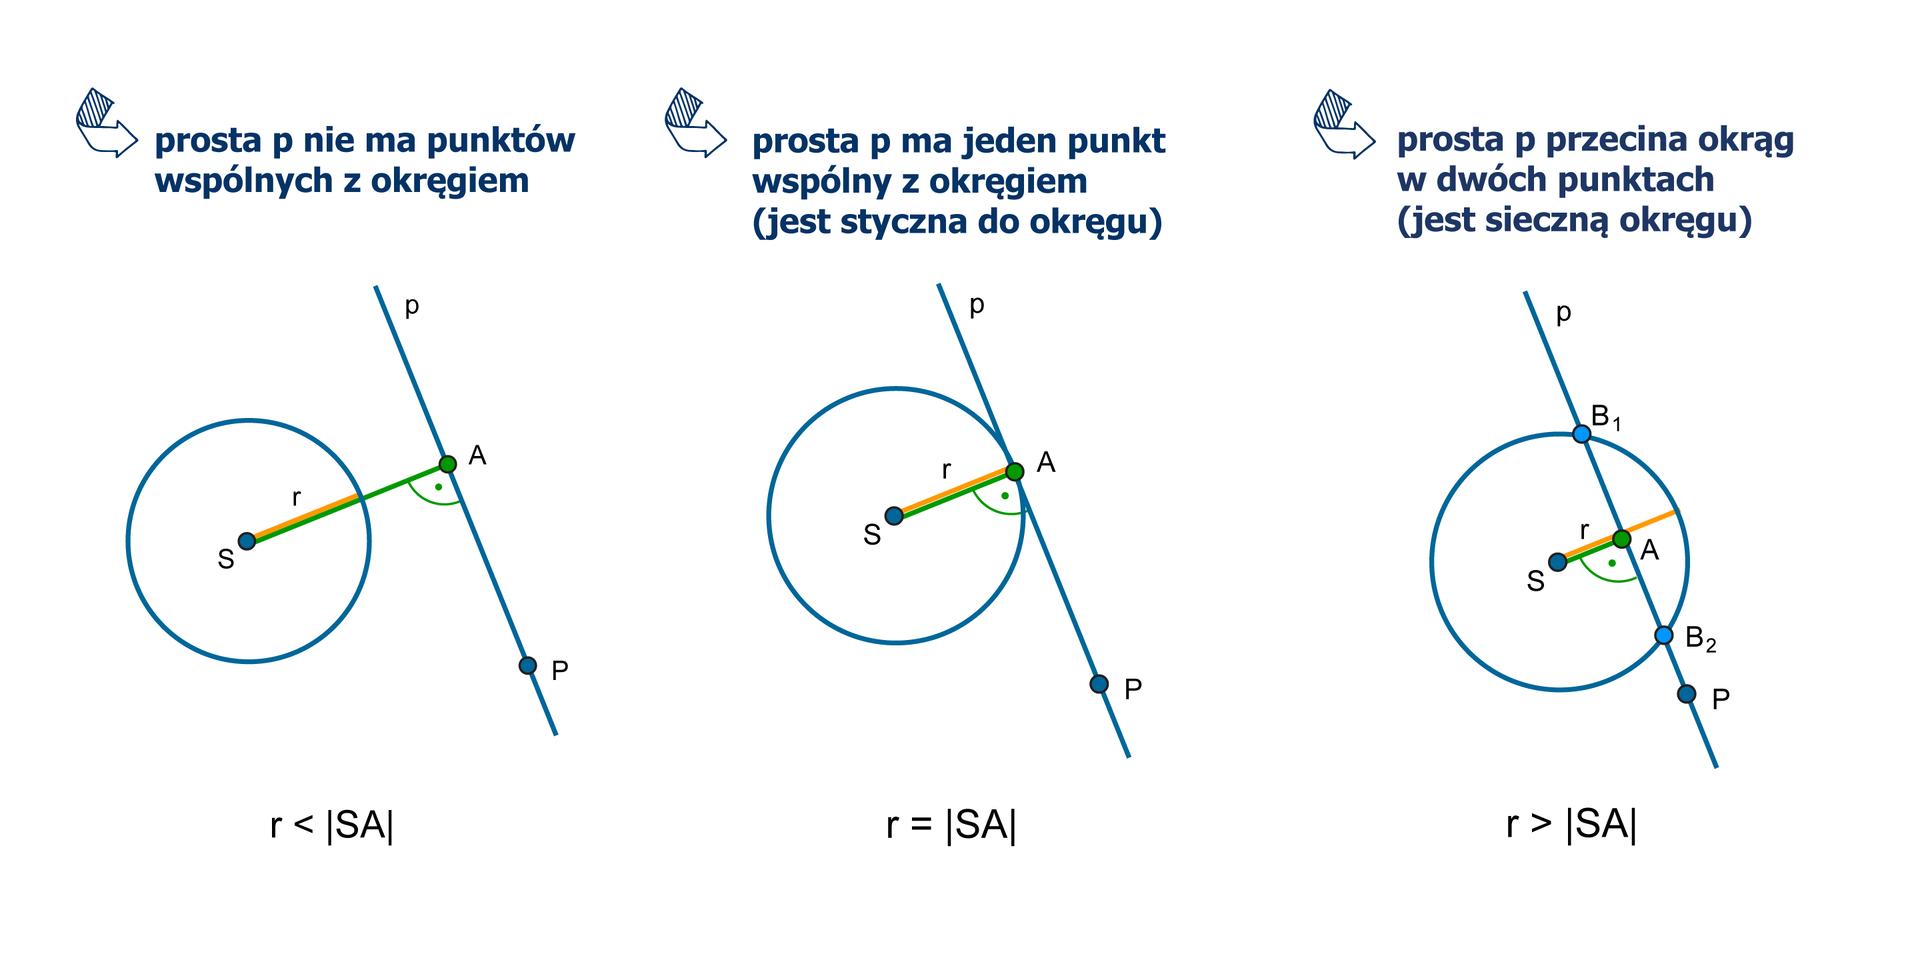 Rysunki trzech okręgów ośrodku wpunkcie Sipromieniu roraz prostej p. Do prostej pnależy punkt A. Prosta wpunkcie Atworzy zpromieniem okręgu kąt prosty. Odcinek SA to odległość punktu Sod prostej p. Na pierwszym rysunku prosta pnie ma punktów wspólnych zokręgiem, więc rmniejsze od długości odcinka SA. Na drugim rysunku prosta ma jeden punkt wspólny zokręgiem (jest styczna do okręgu), więc rrówne długości odcinka SA. Na trzecim rysunku prosta przecina okrąg wdwóch punktach (jest sieczną okręgu), więc rwiększe od długości odcinka SA.